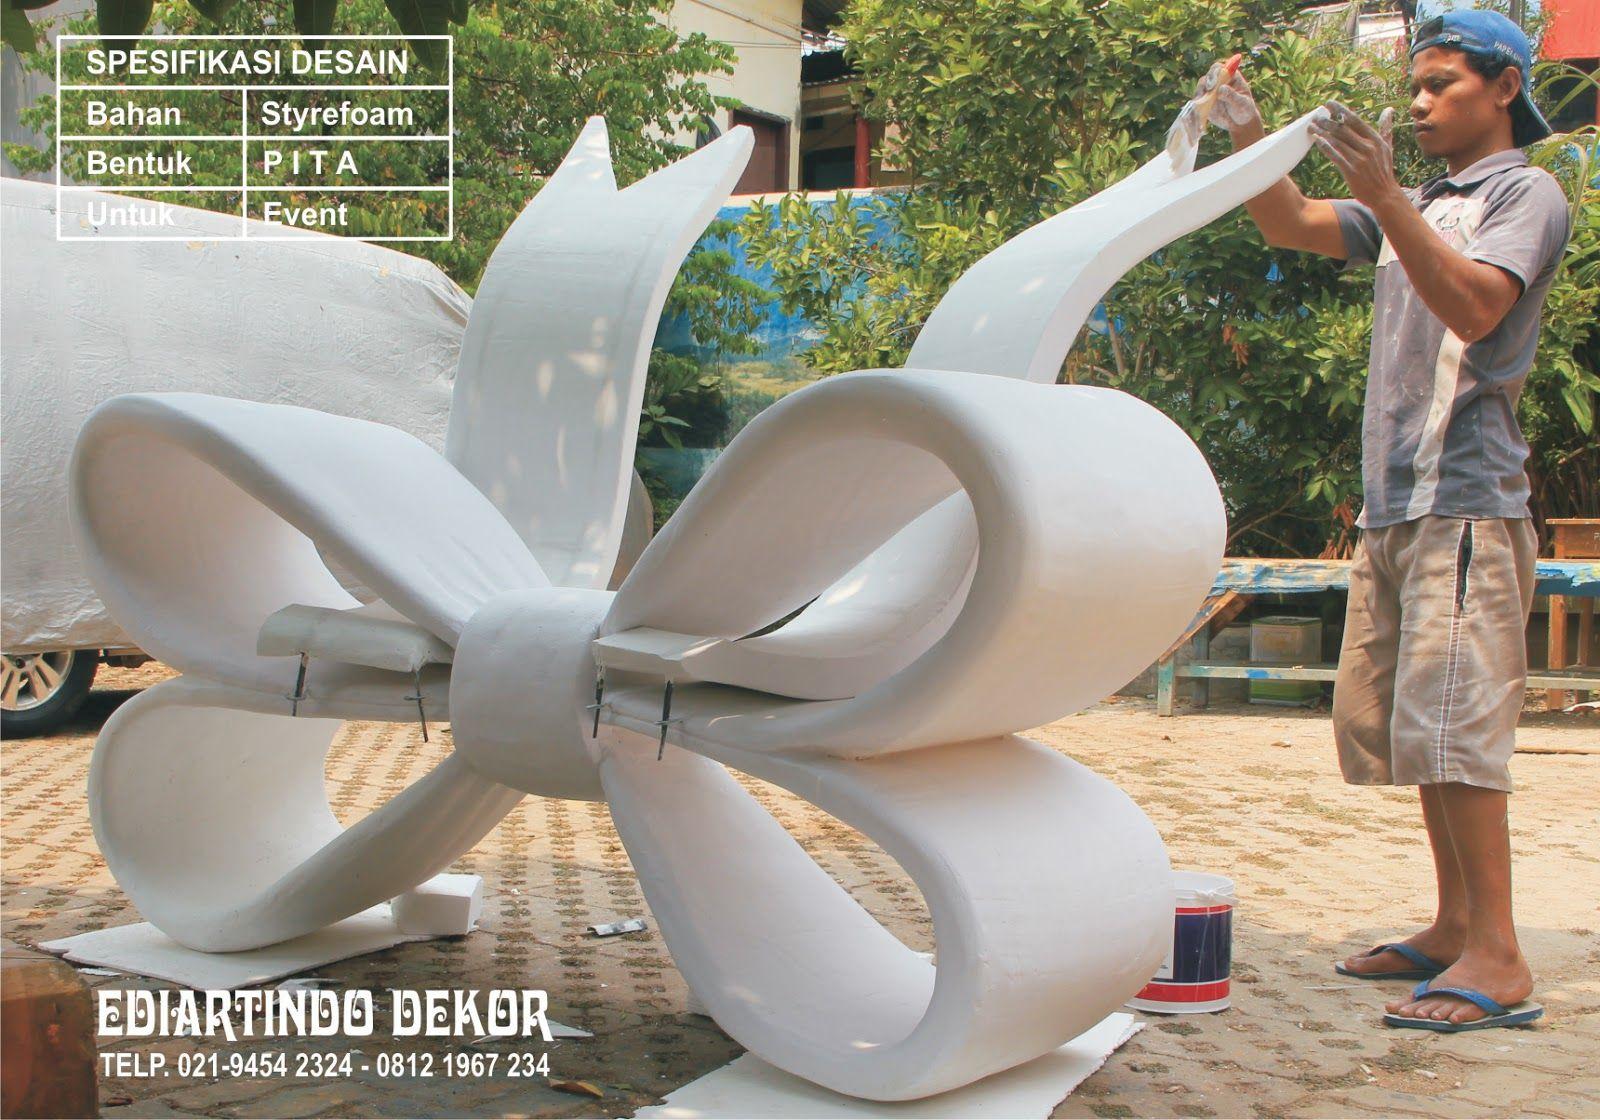 dESAIN pita styrofoam Desain, Patung, Dekorasi